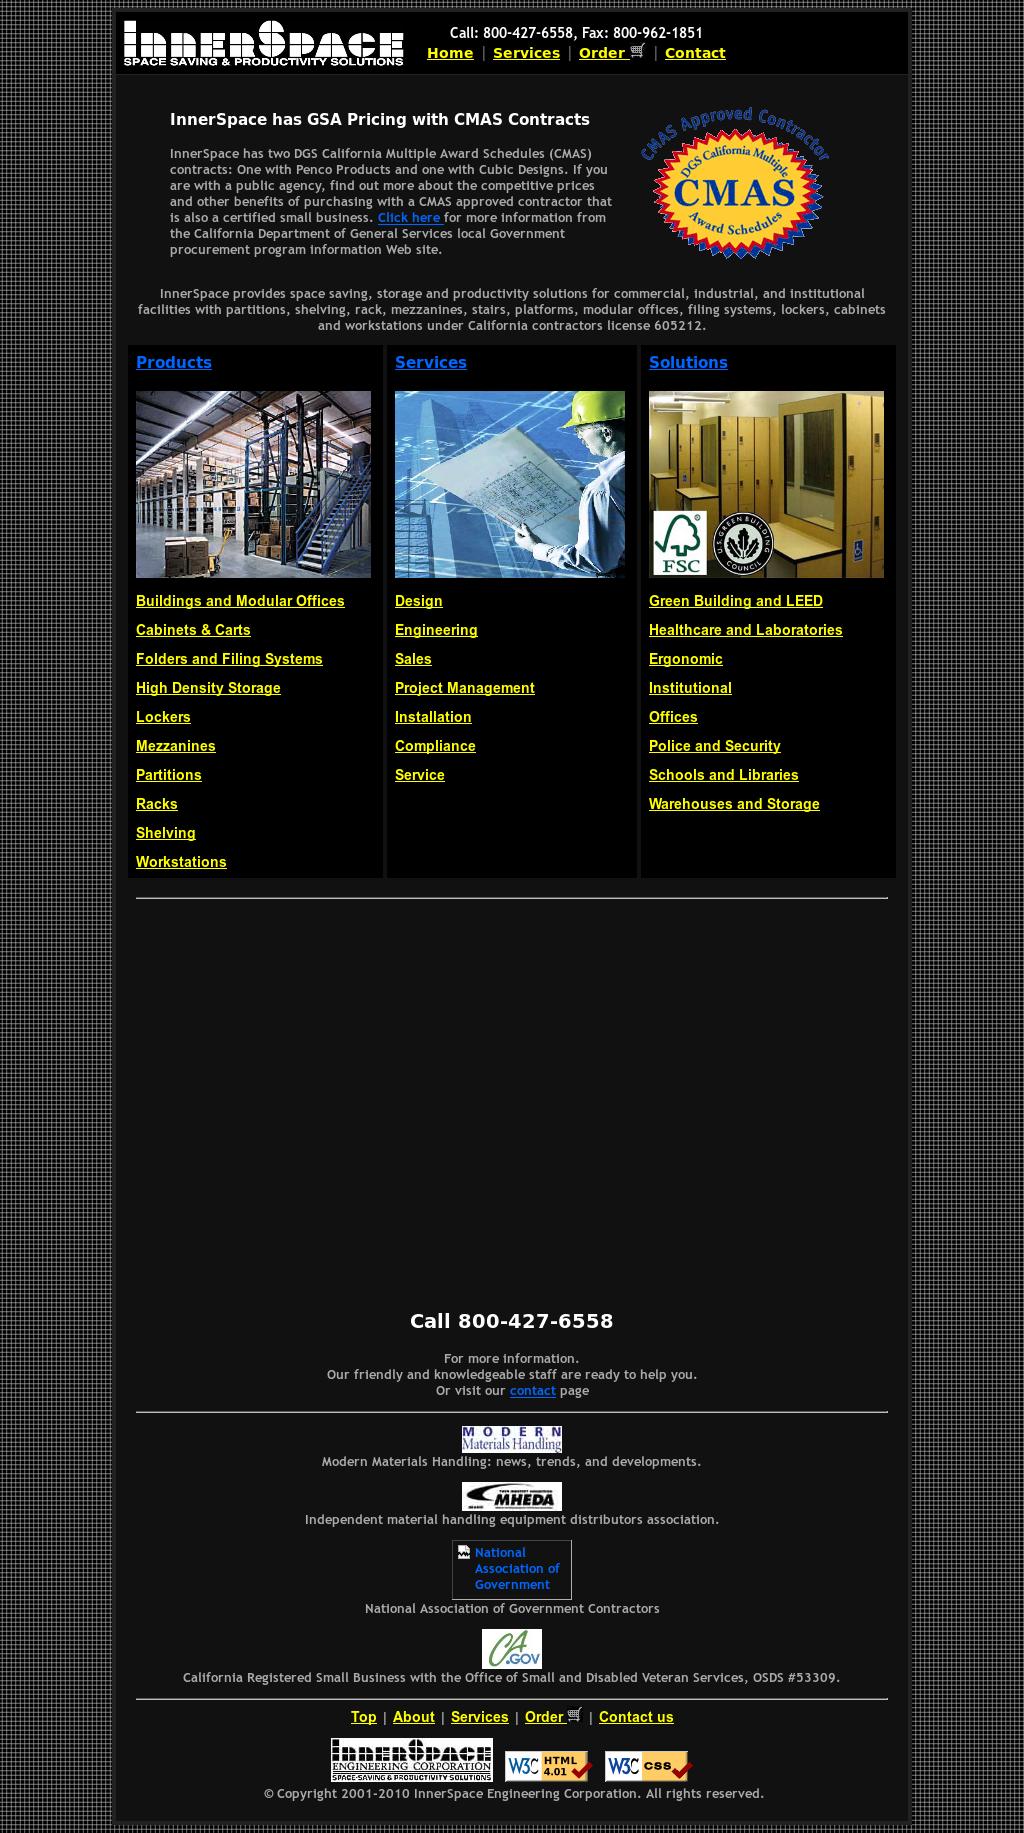 InnerSpace Engineering Website History